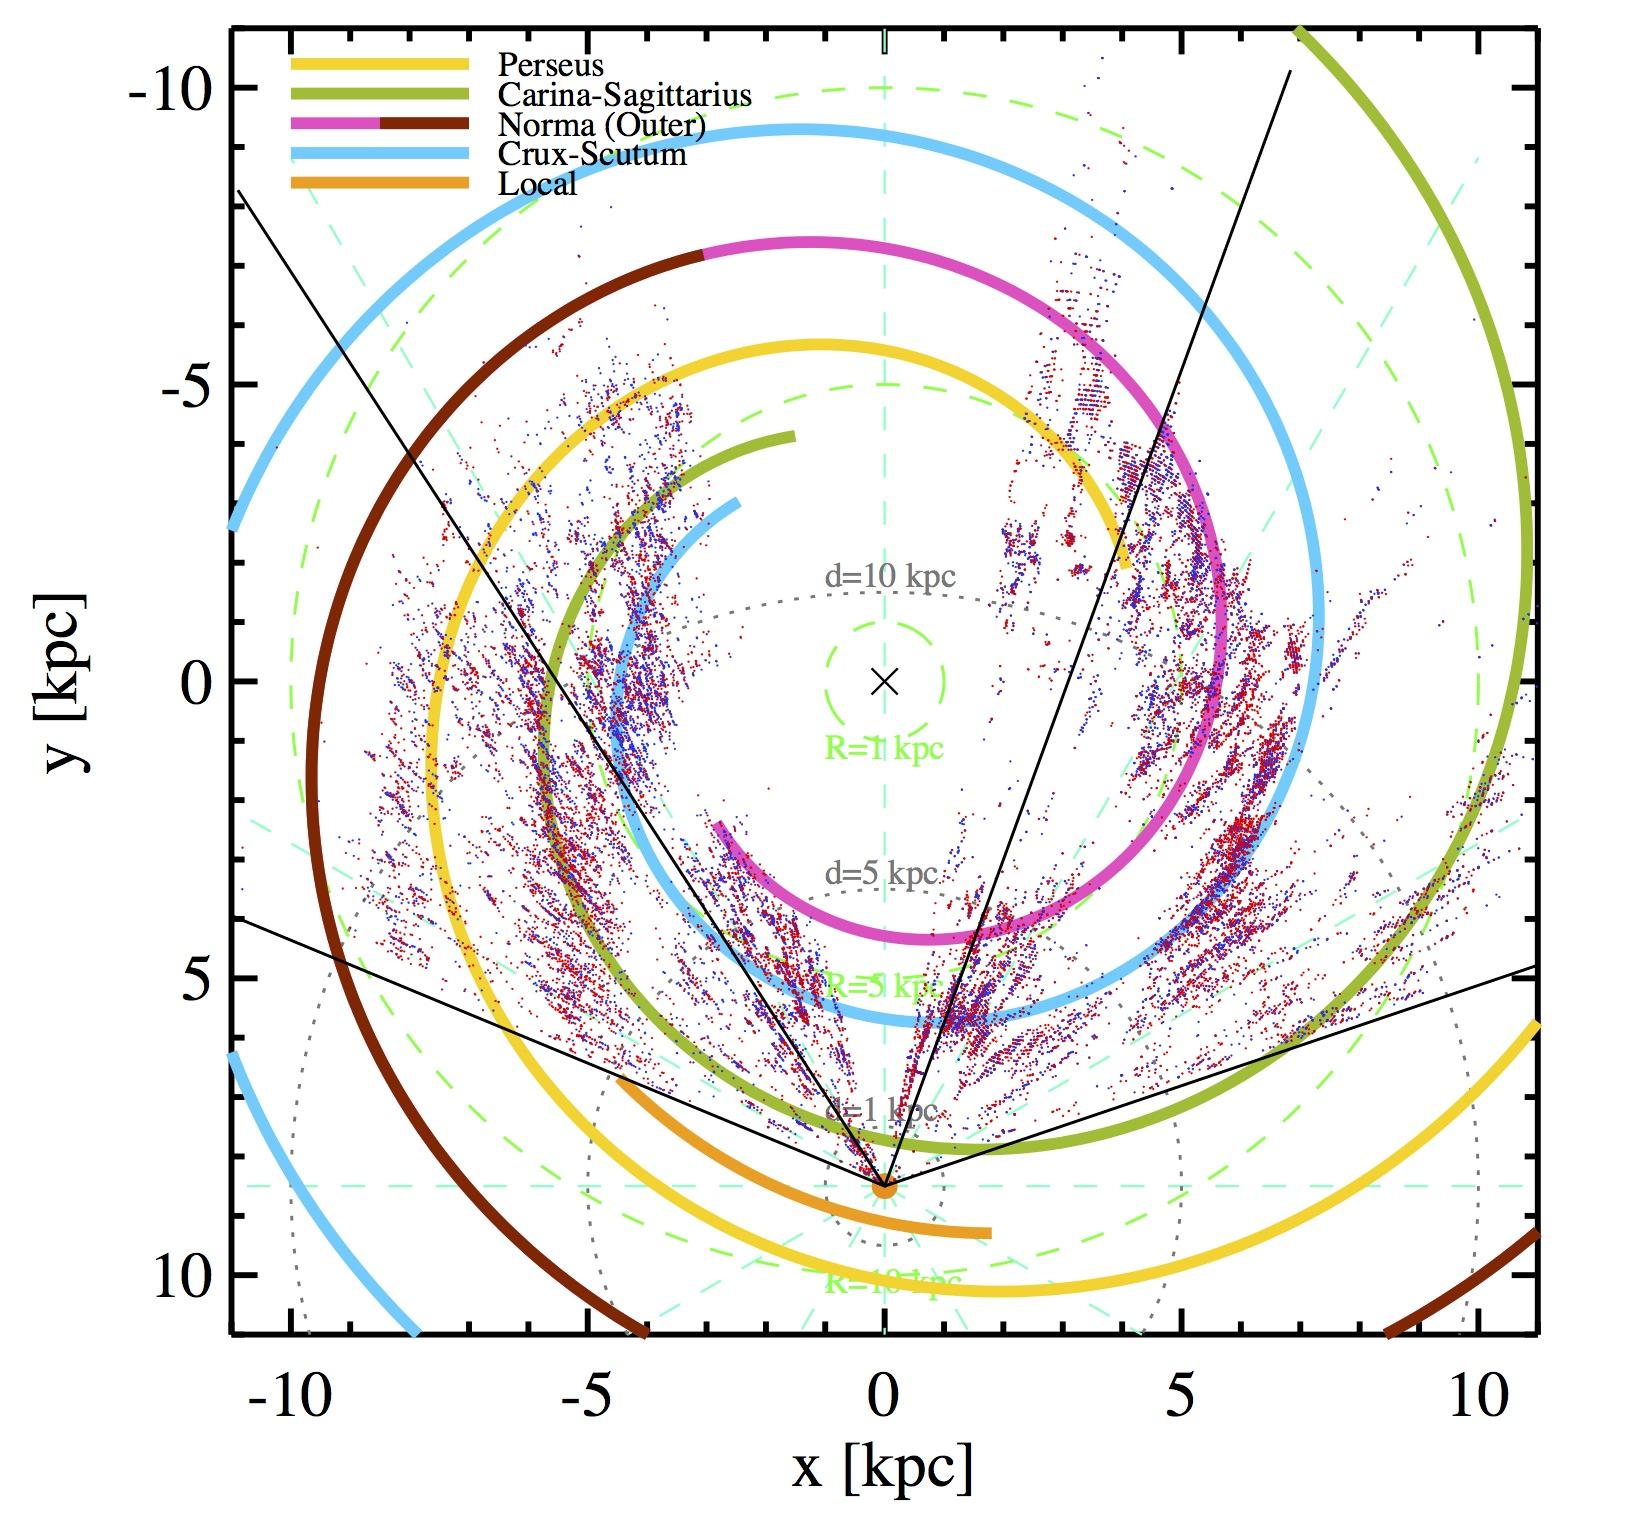 Via Lattea, metà è materia ''migrante'' extragalattica: il vento spaziale